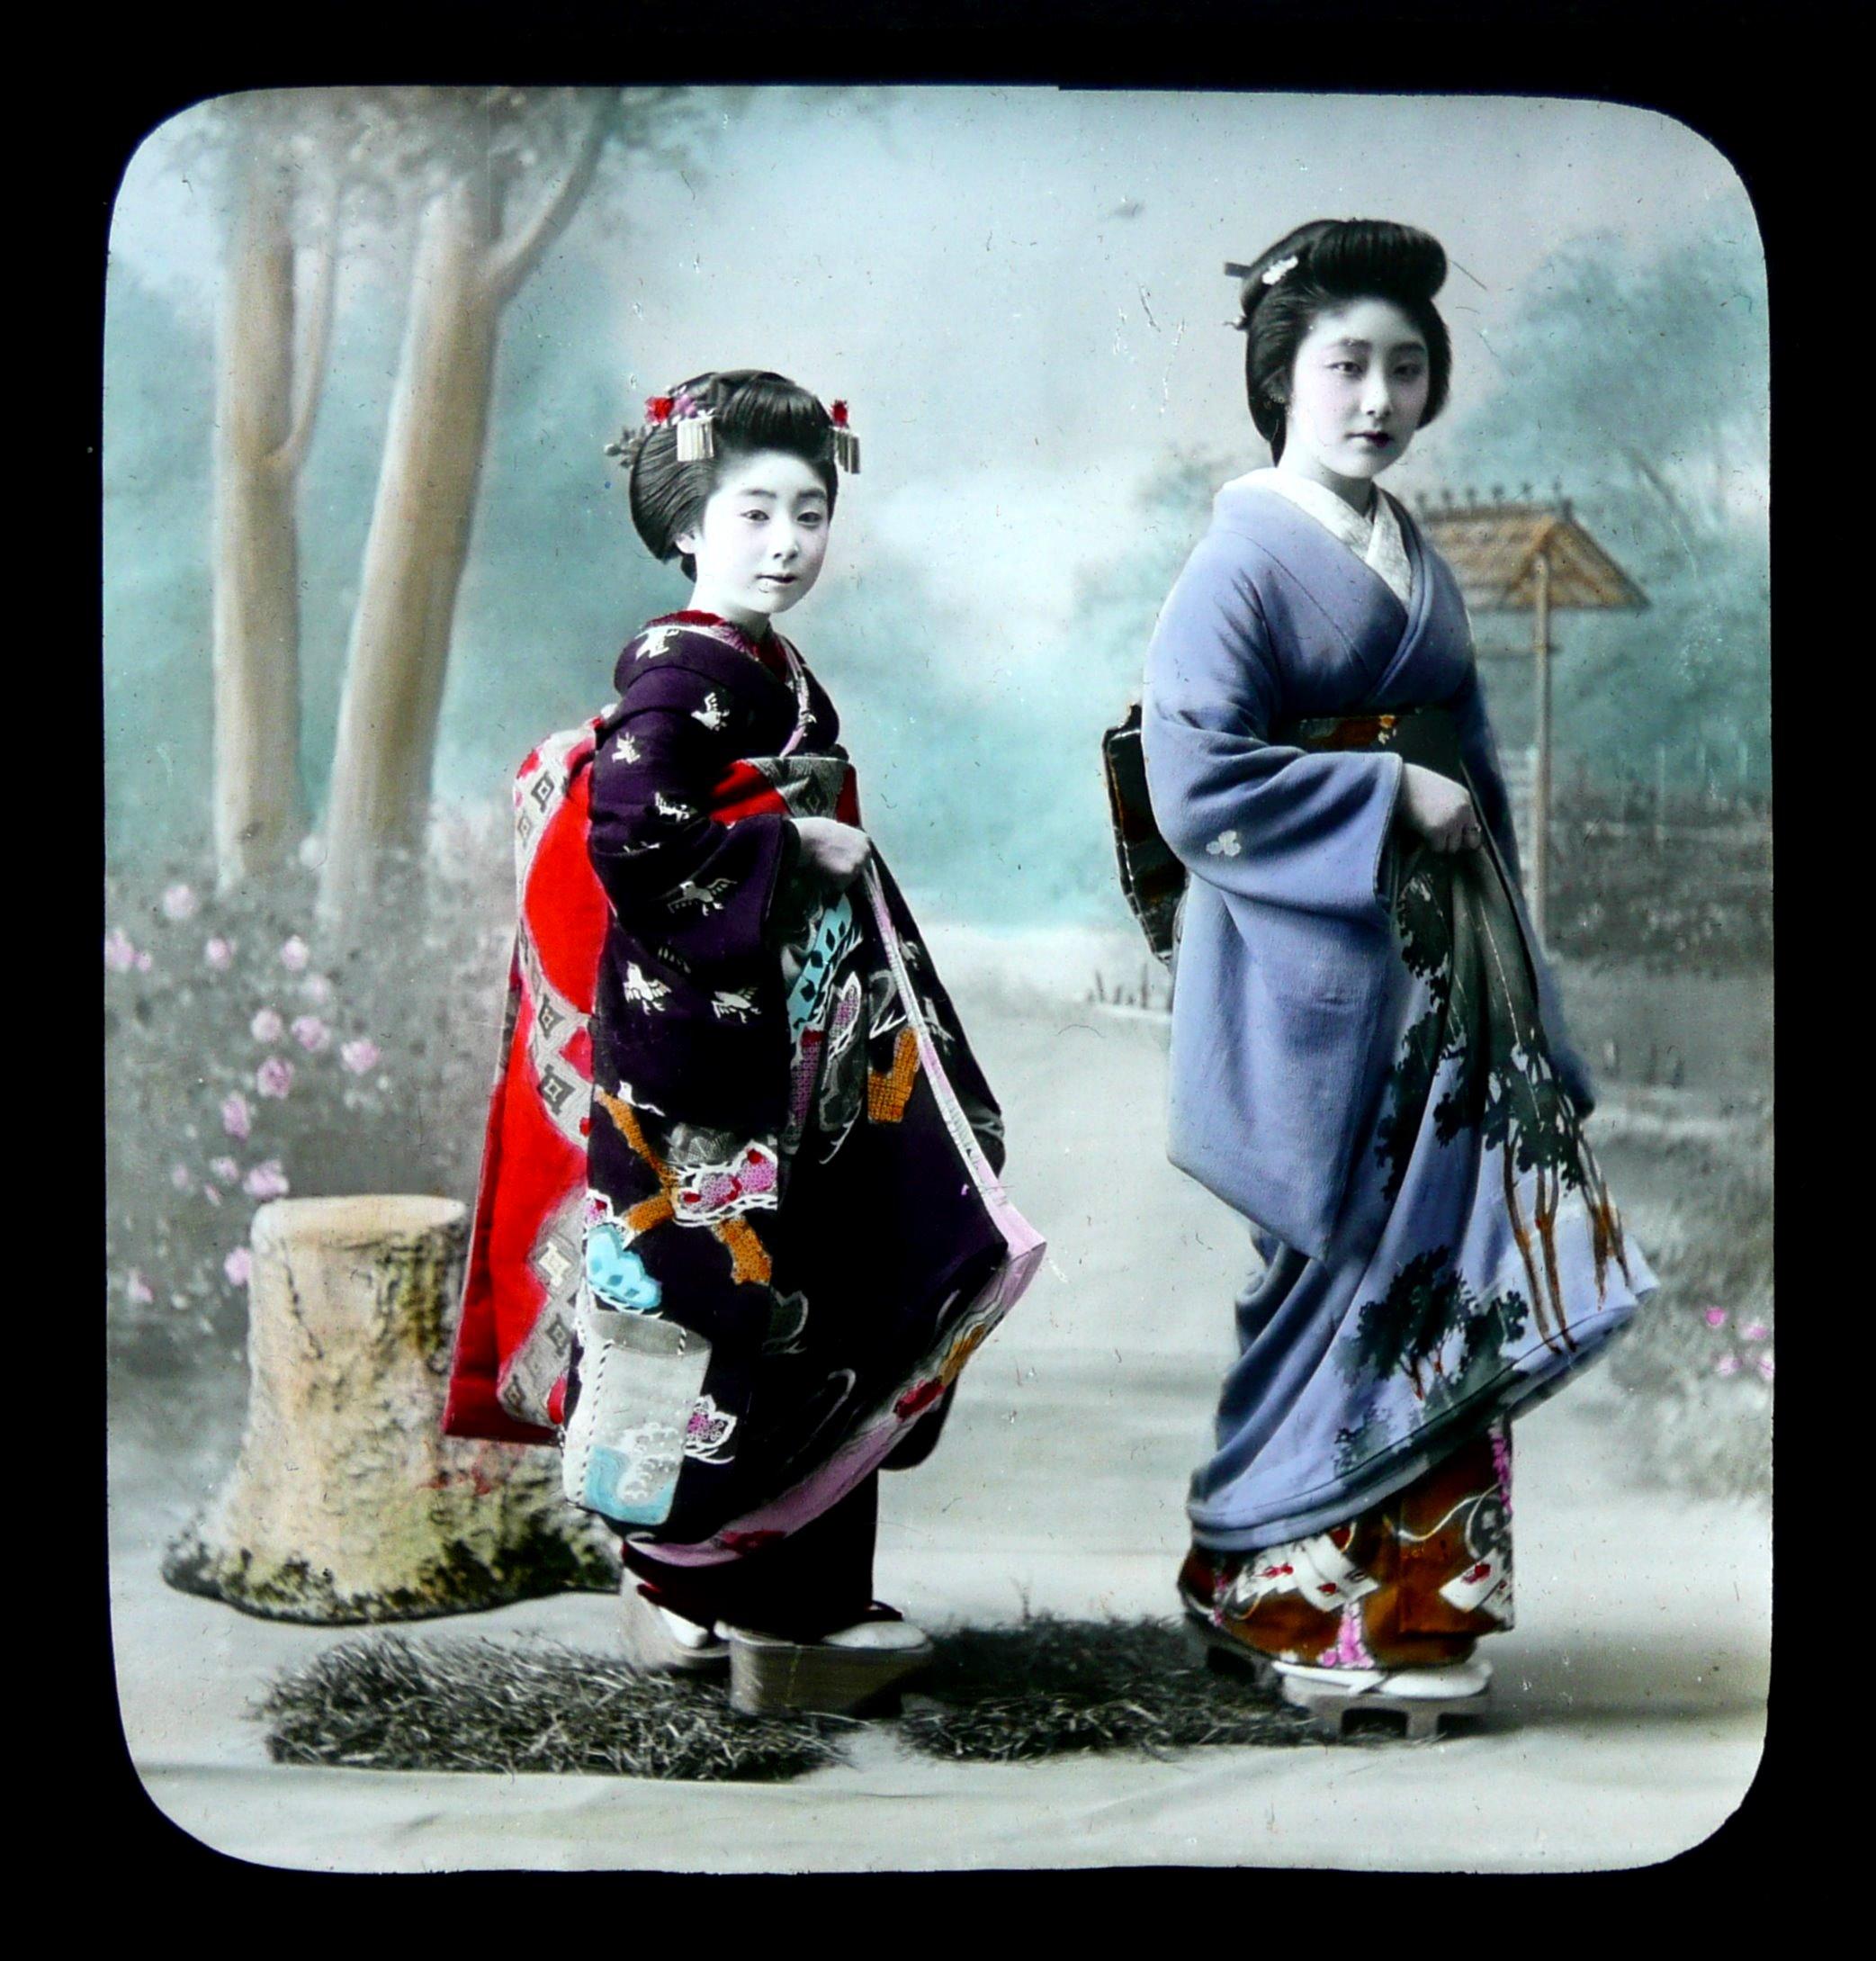 prostitutas paiporta geishas prostitutas